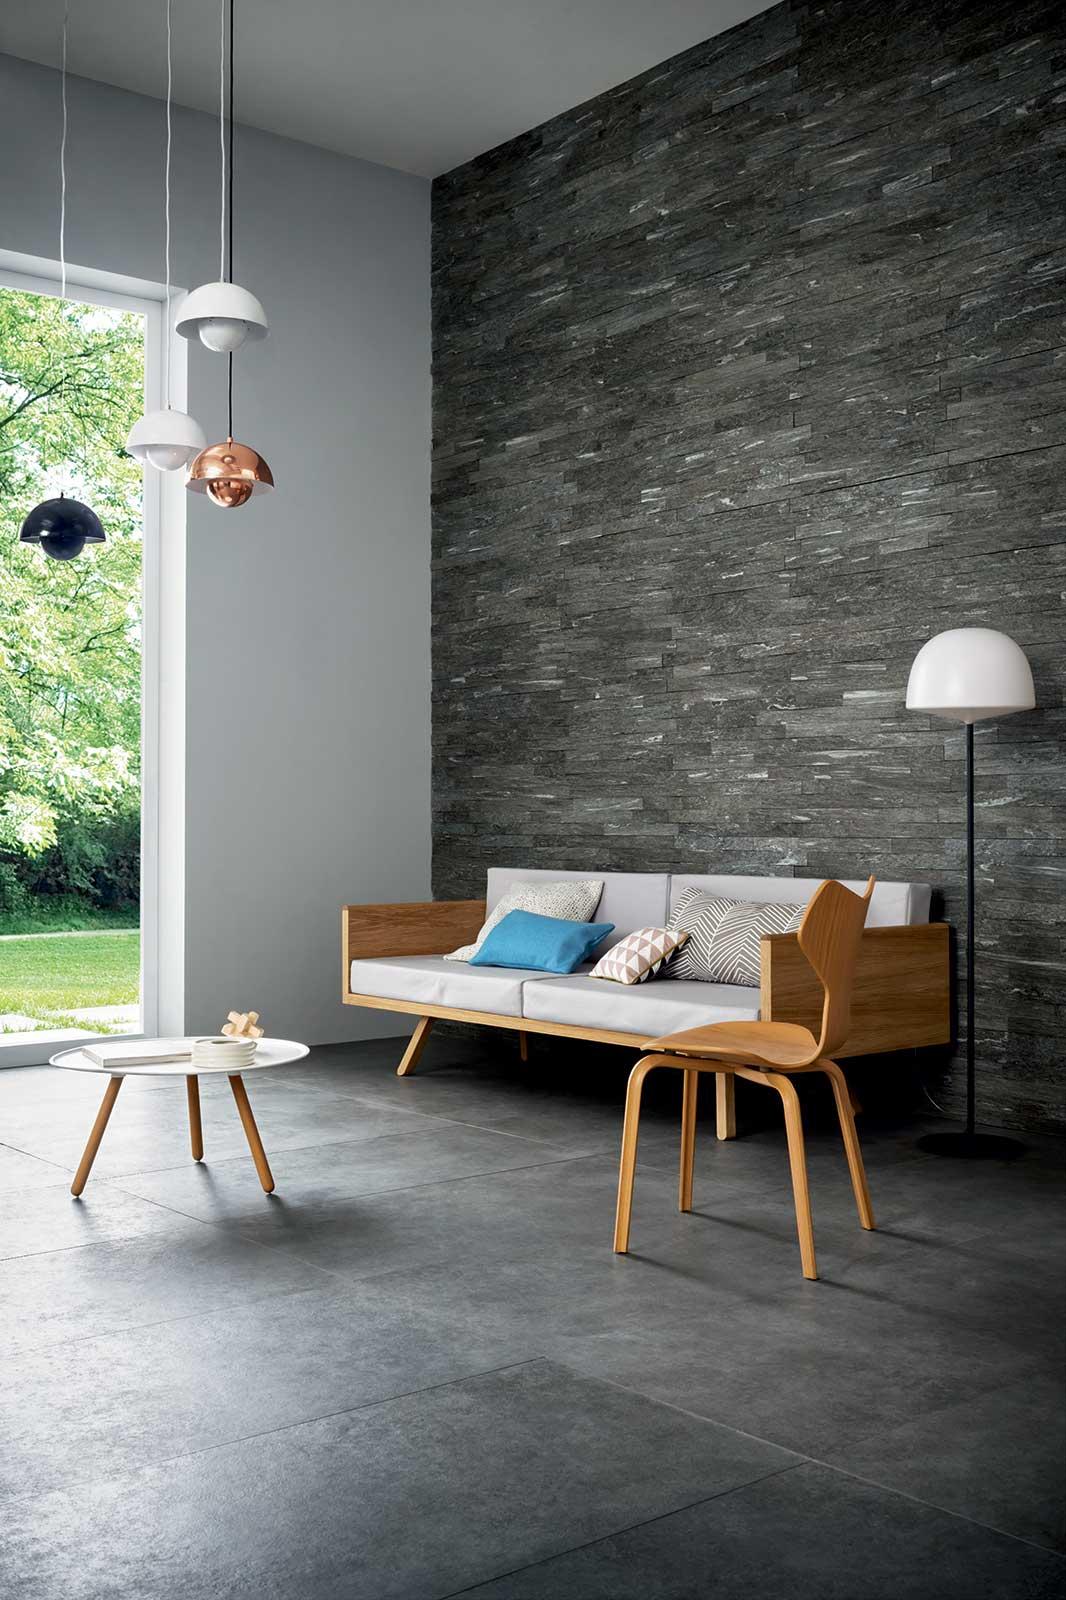 Mystone silverstone gres effetto pietra marazzi - Piastrelle per salone ...